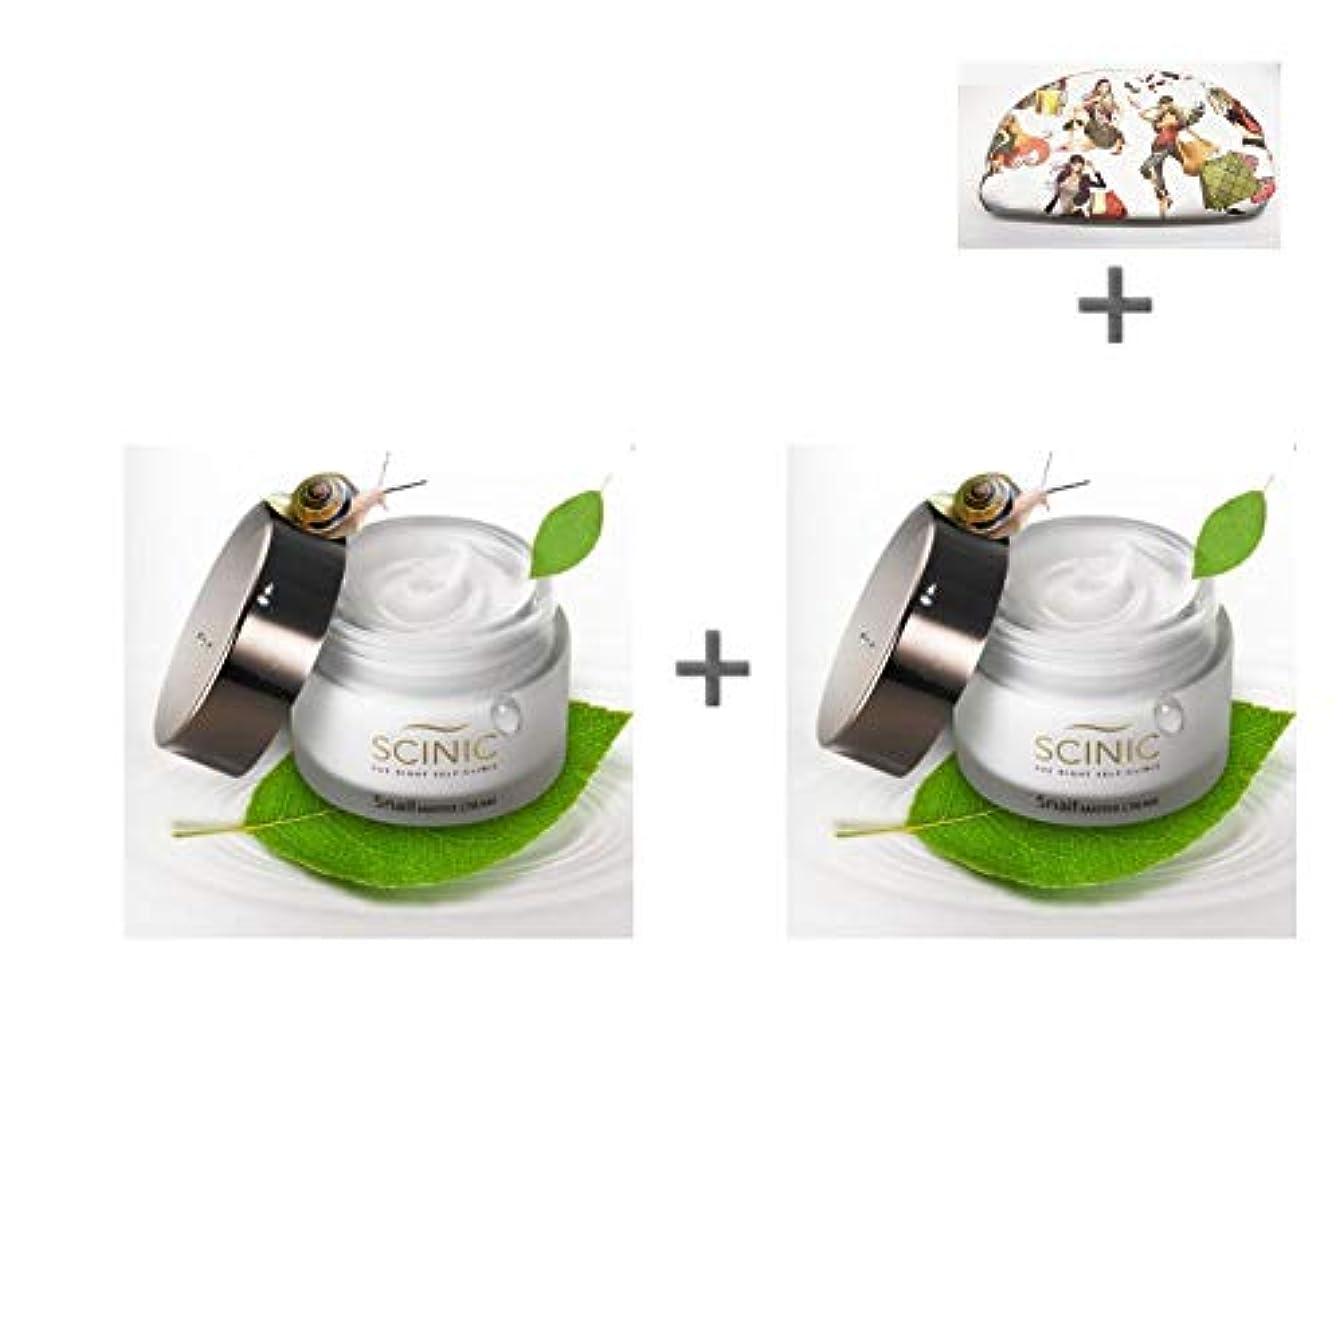 ミッションオゾンシート[サイニク] Scinic サイニク カタツムリクリーム ぷりぷり モチーフ肌 保湿 栄養 クリーム 50ml 1+1 / Scinic Snail Cream [海外直送品][並行輸入品]